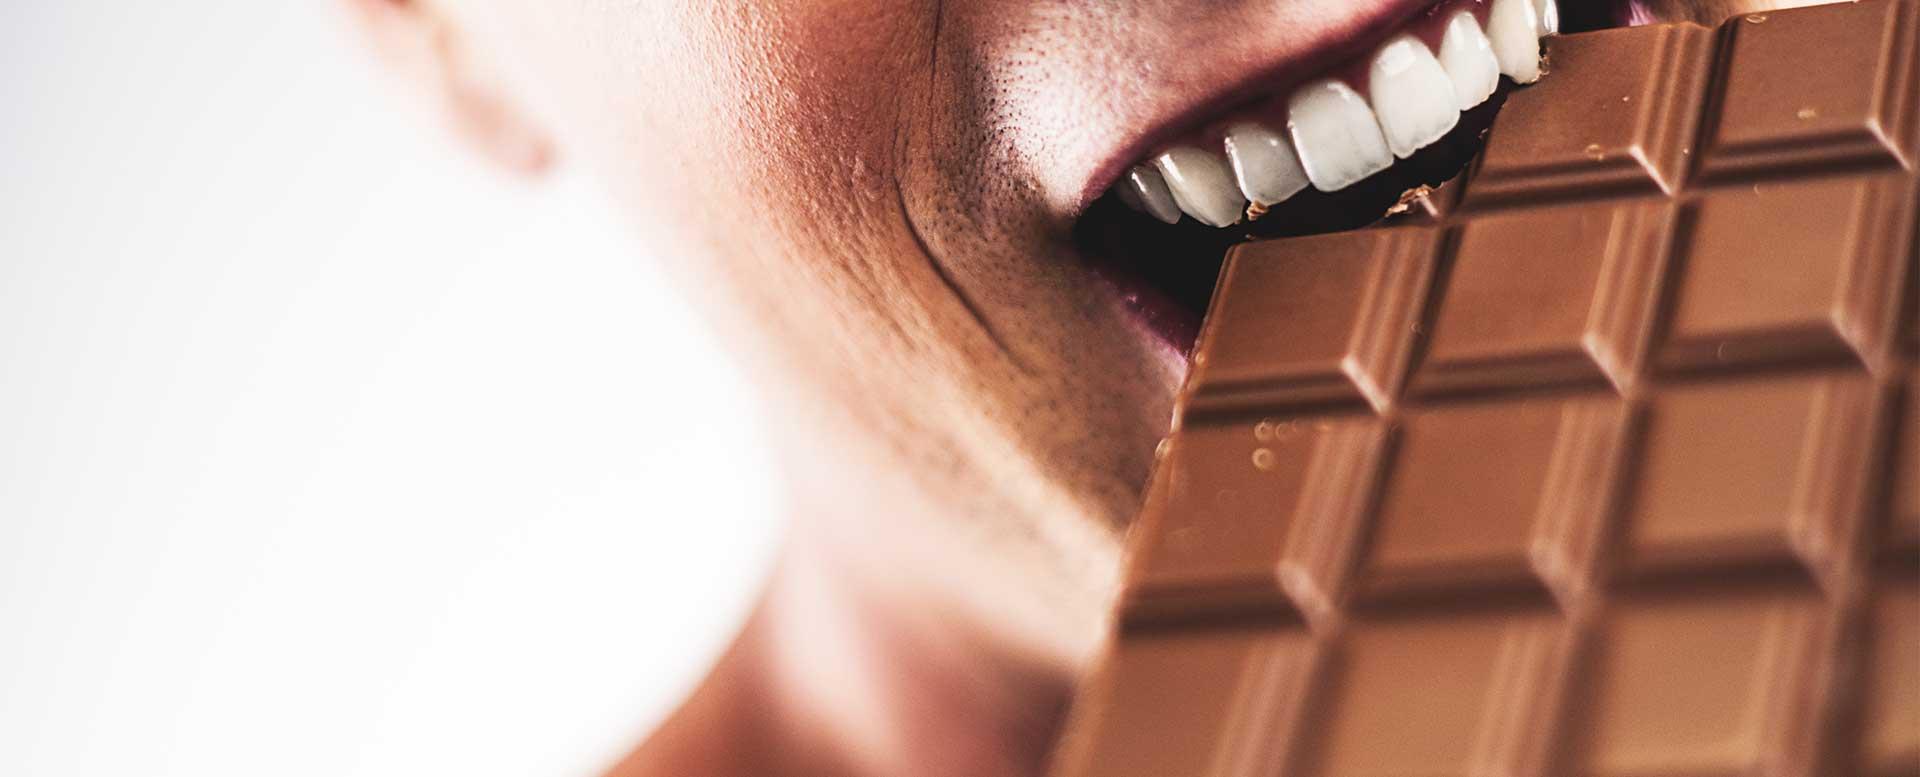 Kopfschmerzen durch Schokolade